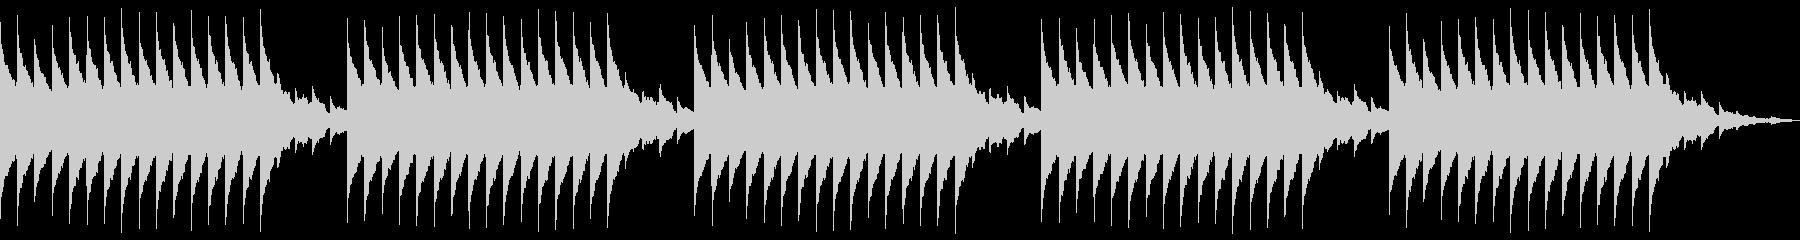 目覚ましアラーム リンリン 150BPMの未再生の波形